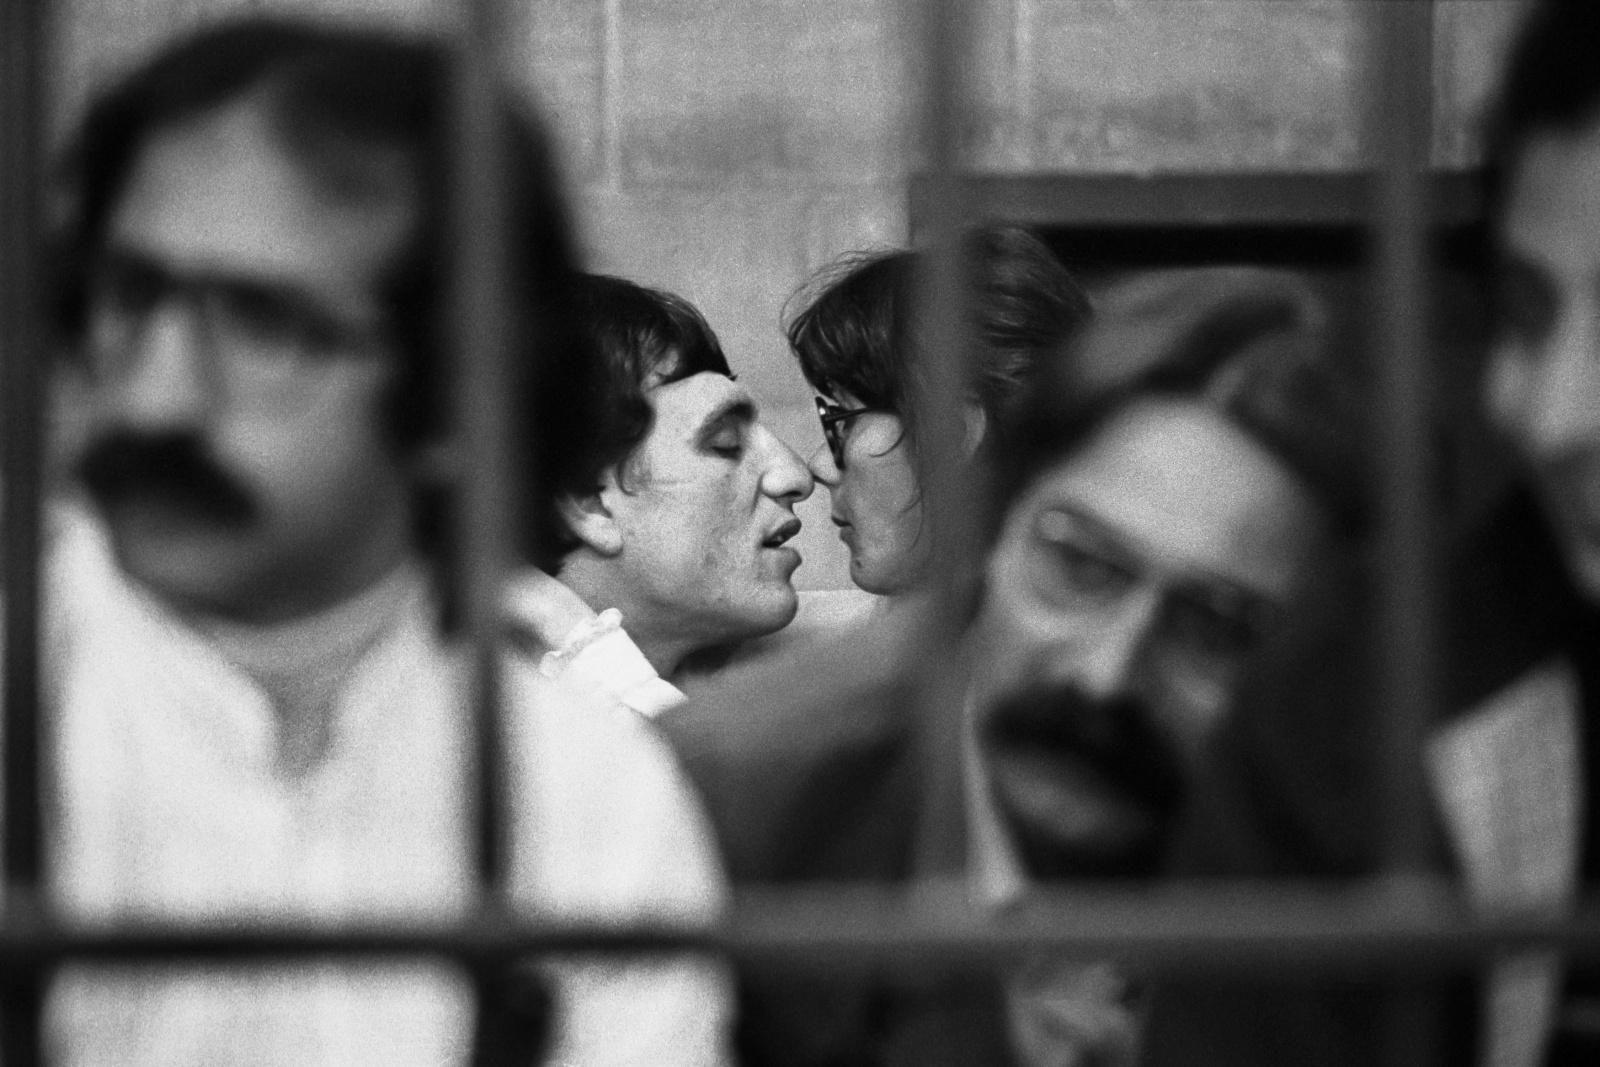 Raffaele Fiore, capo colonna torinese delle B.R, con la compagna Angela Vai al processo per terrorismo nel bunker del carcere le Vallette di Torino per i reati commessi dal 1973 al 1980